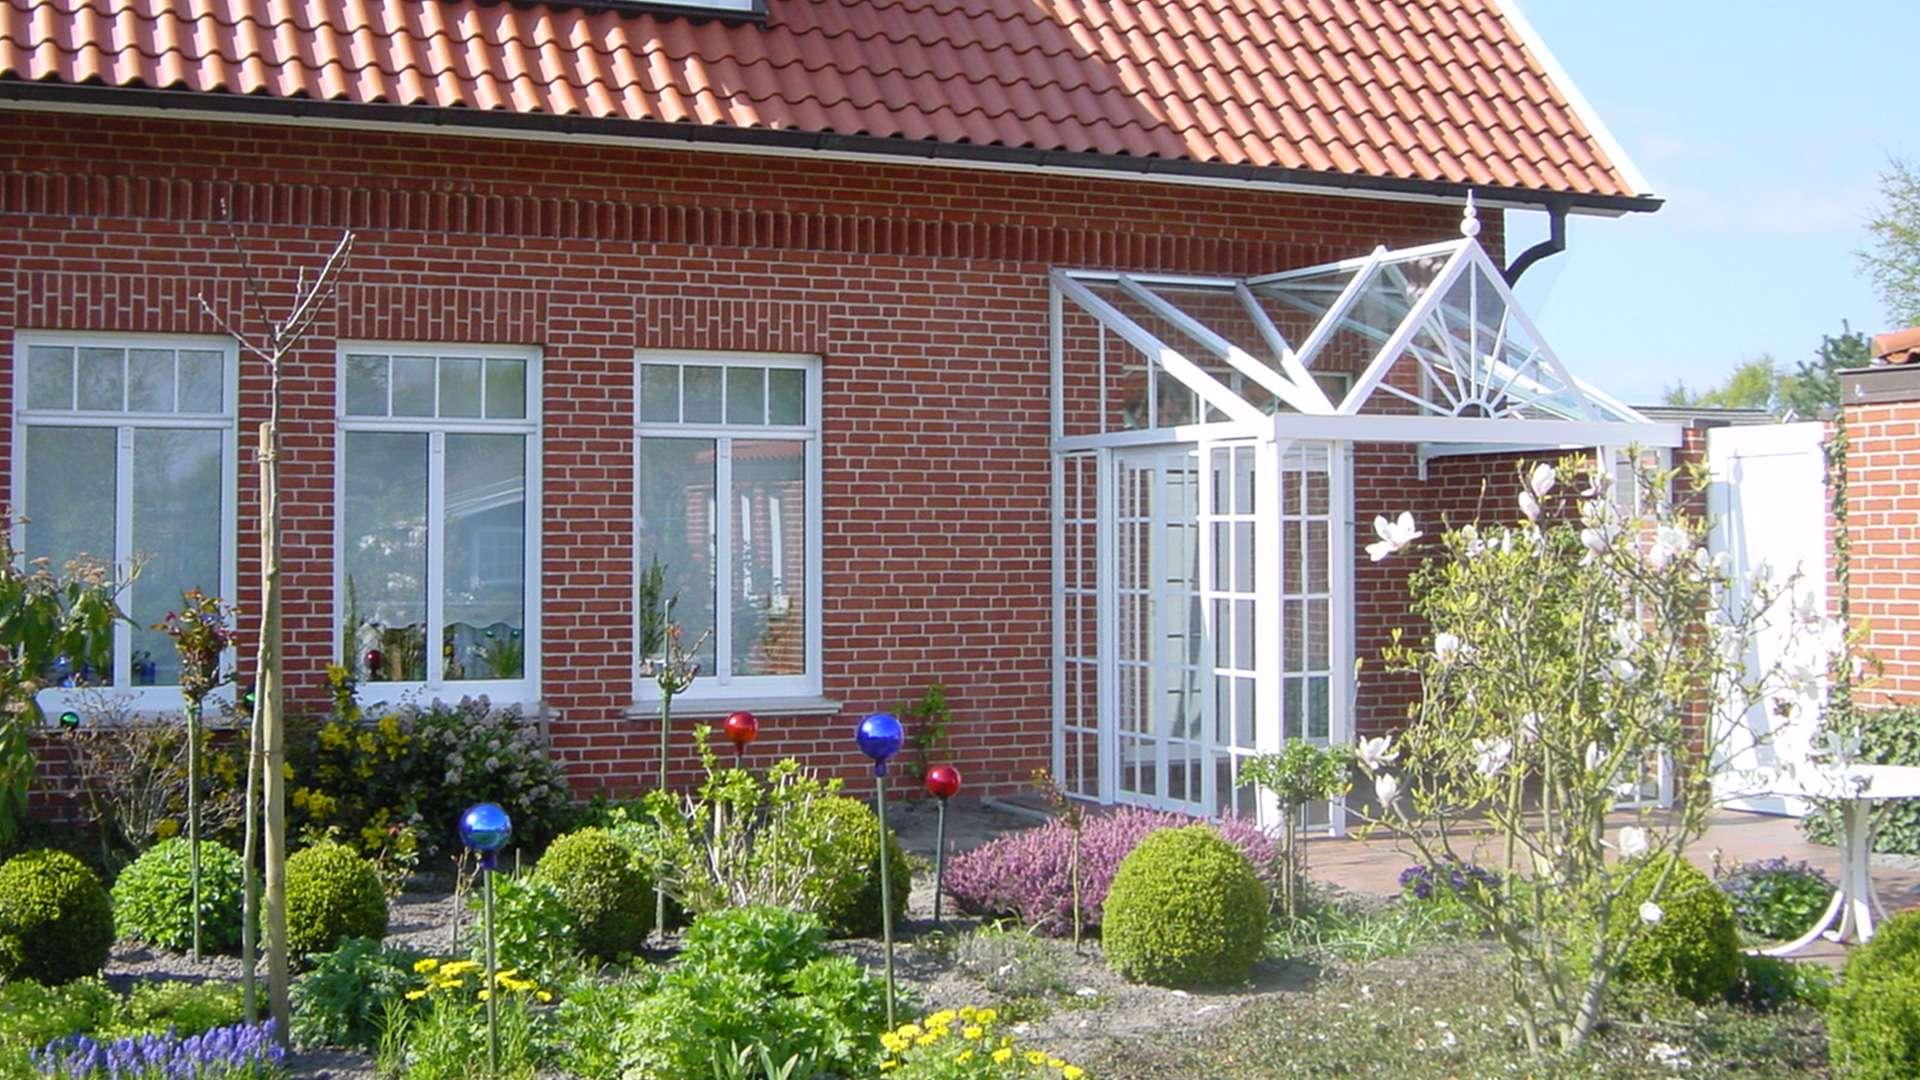 weißer Wintergartenvorbau über der Haustür eines Wohnhauses